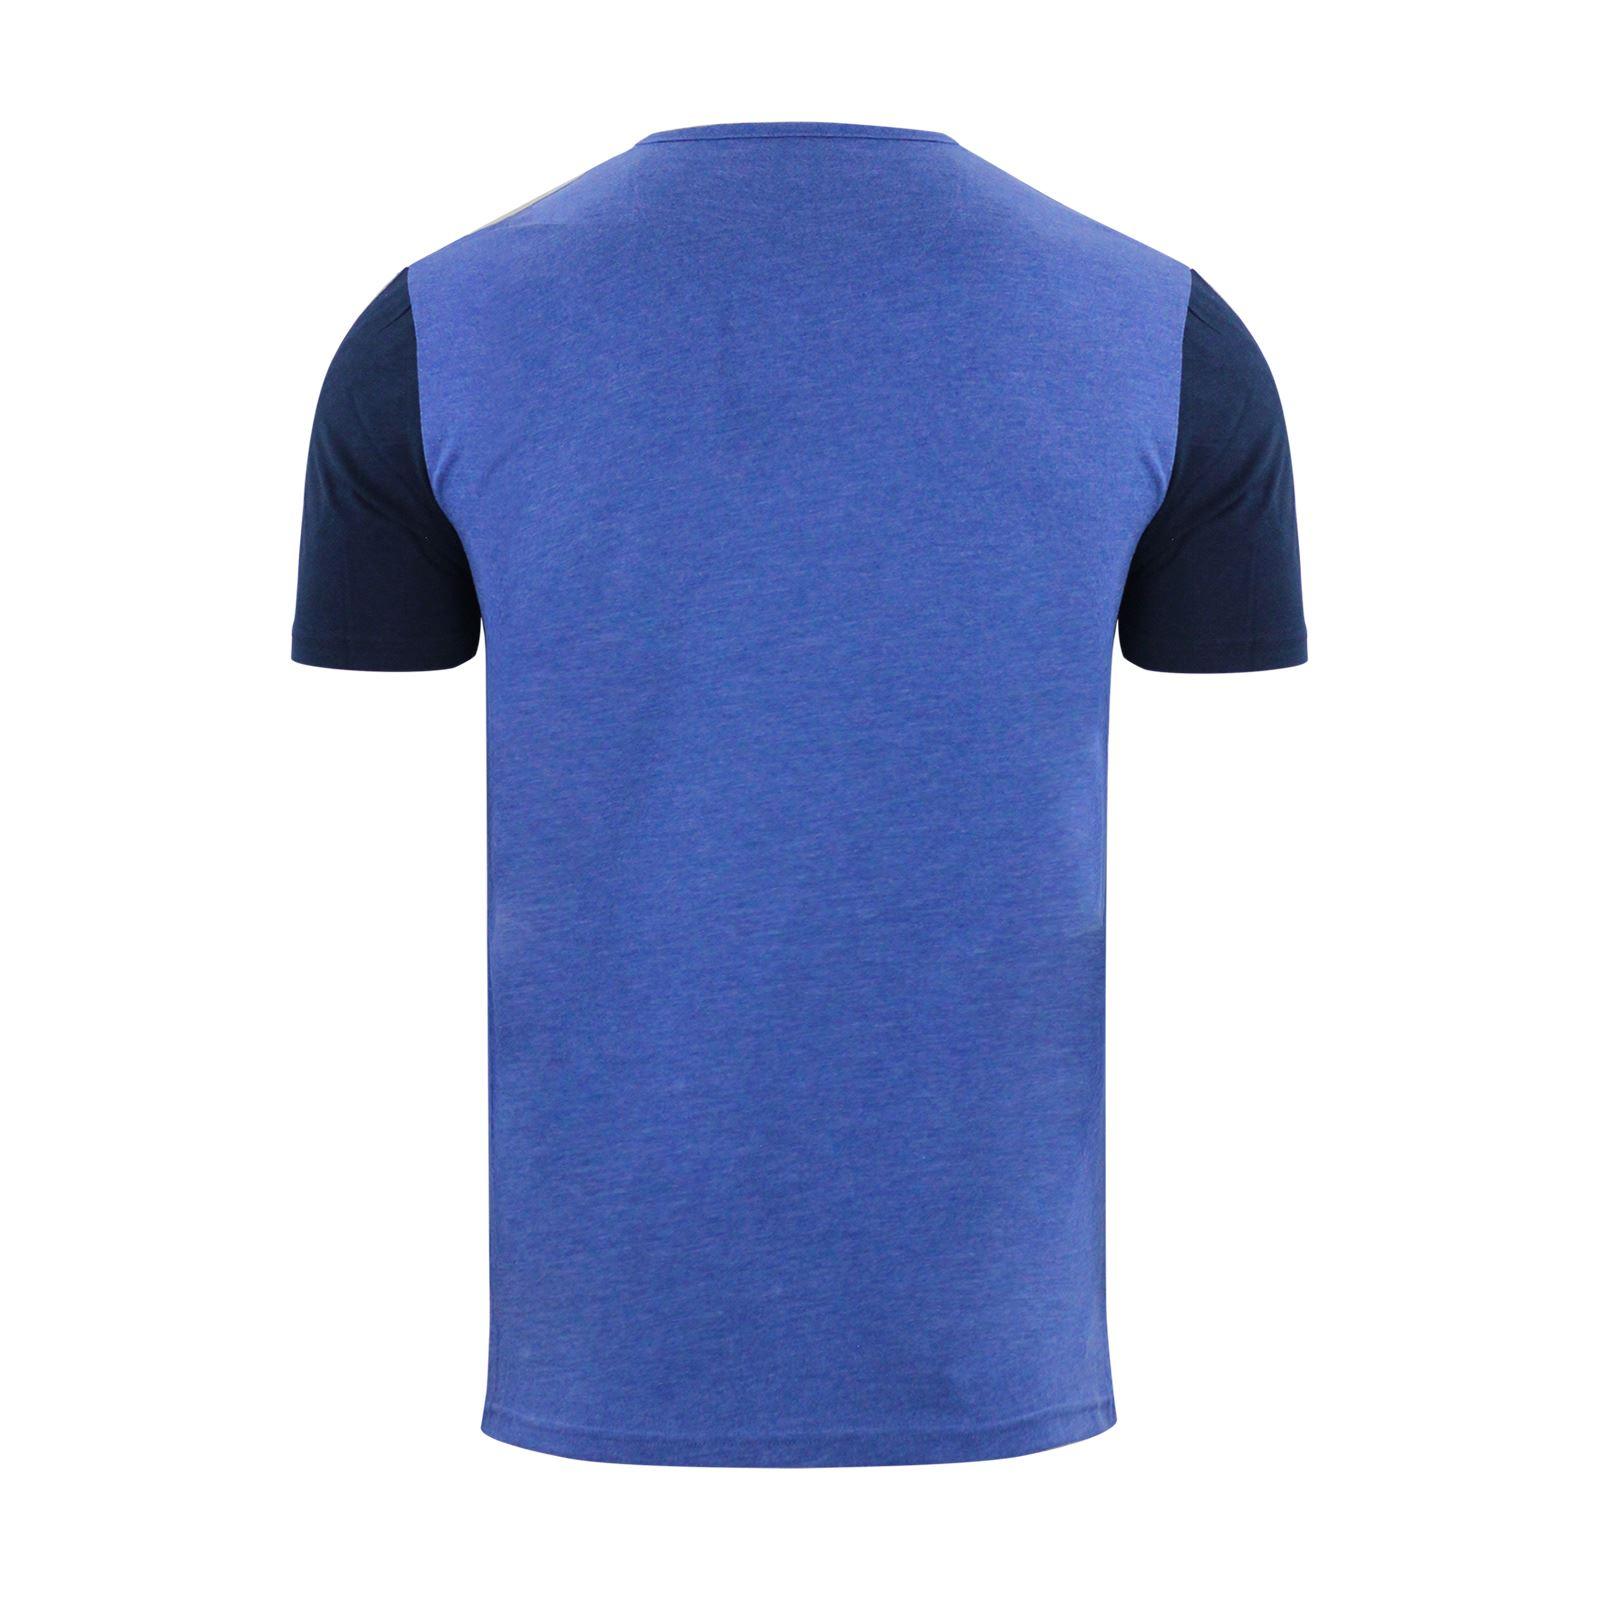 Brave-Soul-Quartz-Homme-T-Shirt-Grandad-Neck-manches-courtes-coton-tee miniature 15